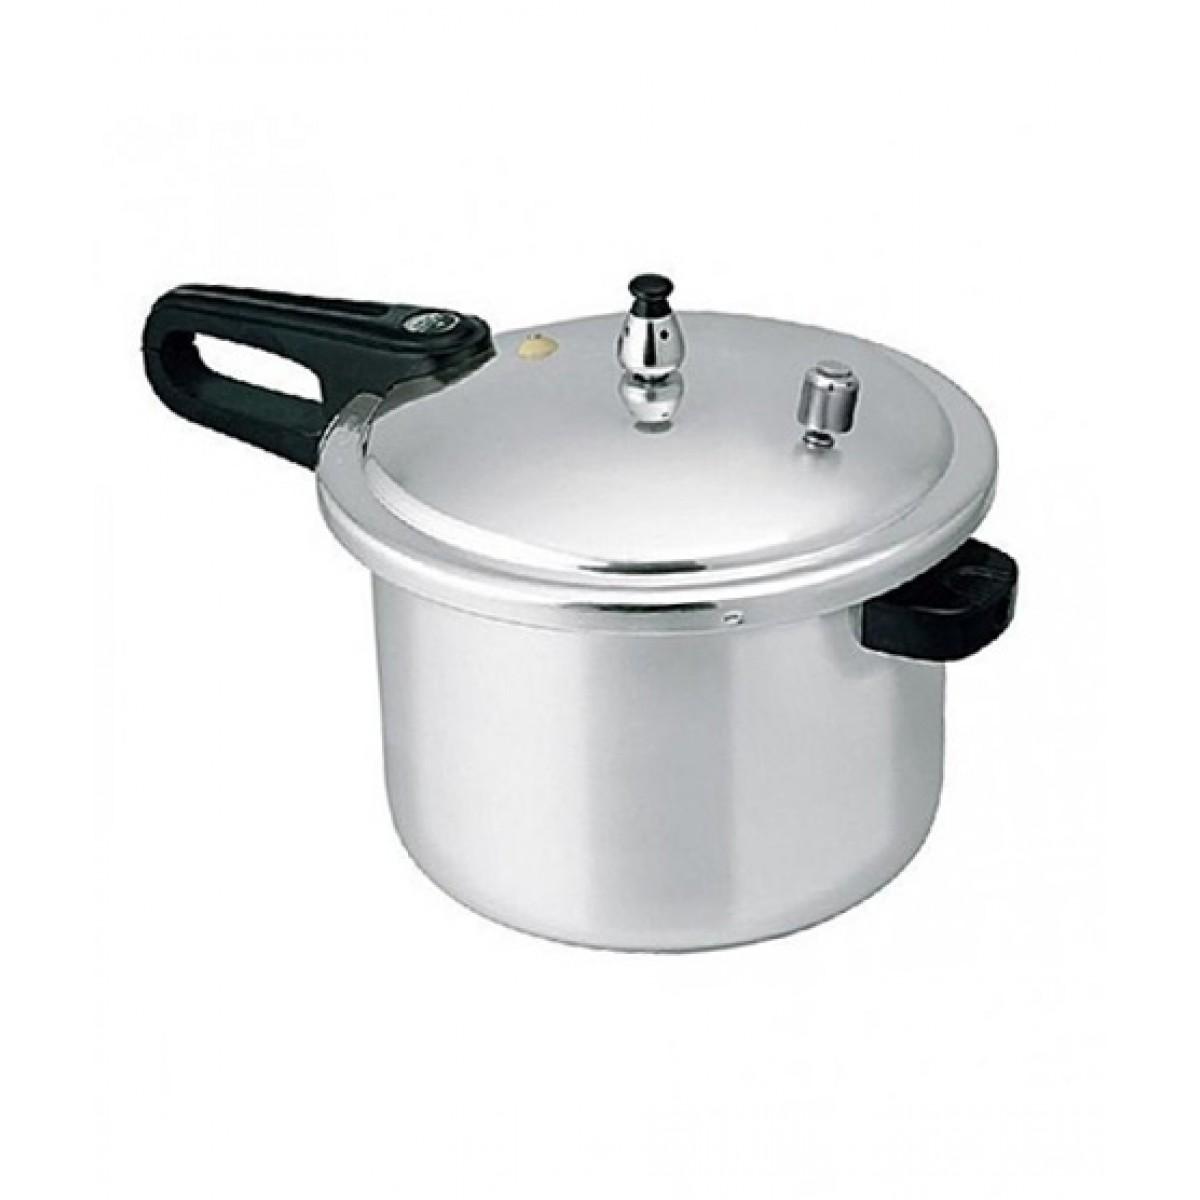 Aladdin Mall Pressure Cooker Price in Pakistan | Buy Aladdin Mall Pressure  Cooker 5 Ltr | iShopping.pk